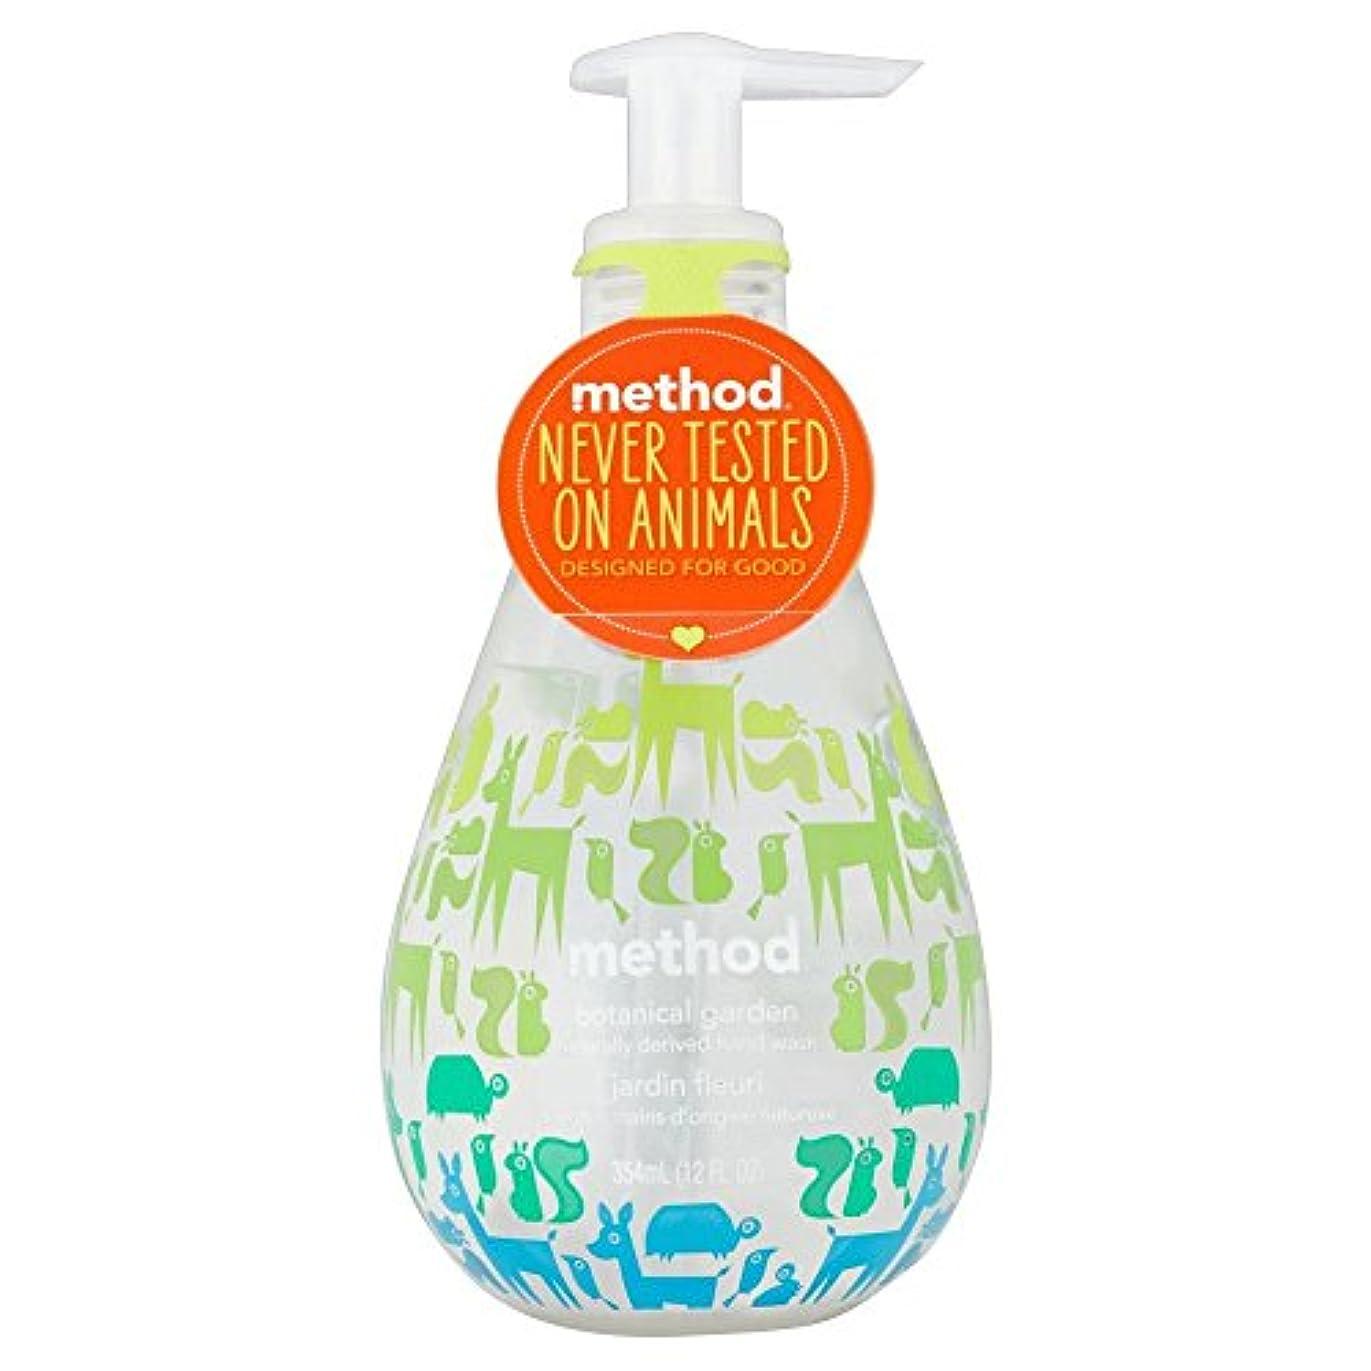 制裁行う男らしさMethod Hand Wash - Botanical Garden (354ml) メソッドハンドウォッシュ - 植物園( 354ミリリットル) [並行輸入品]